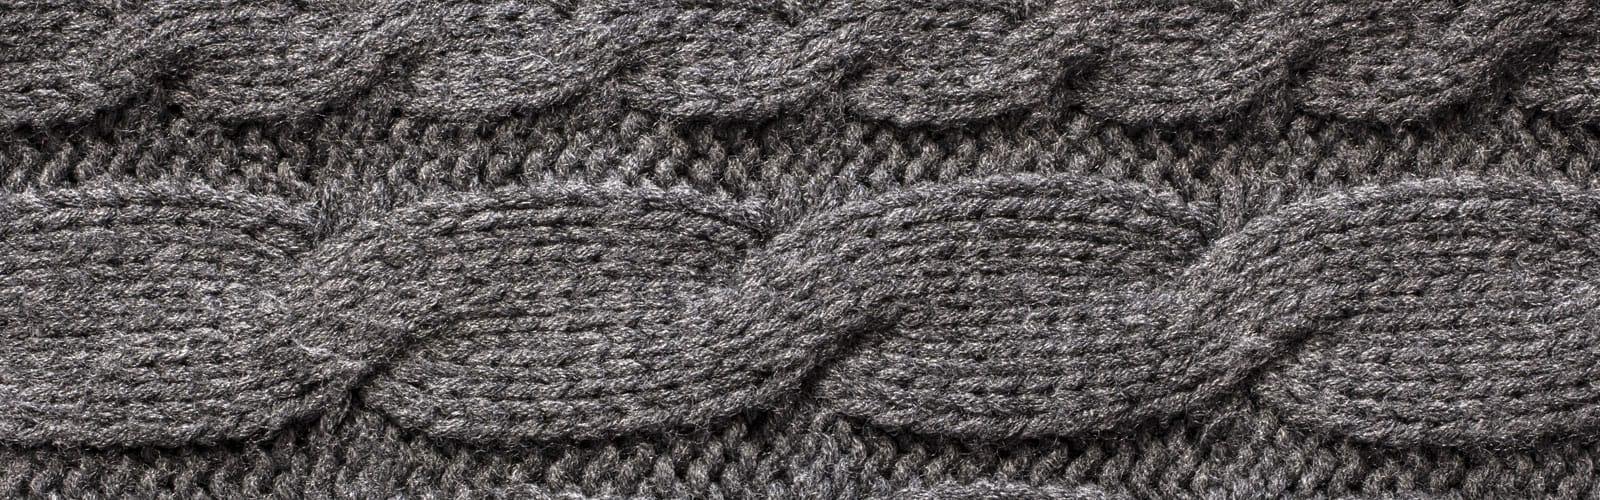 Wool Knit